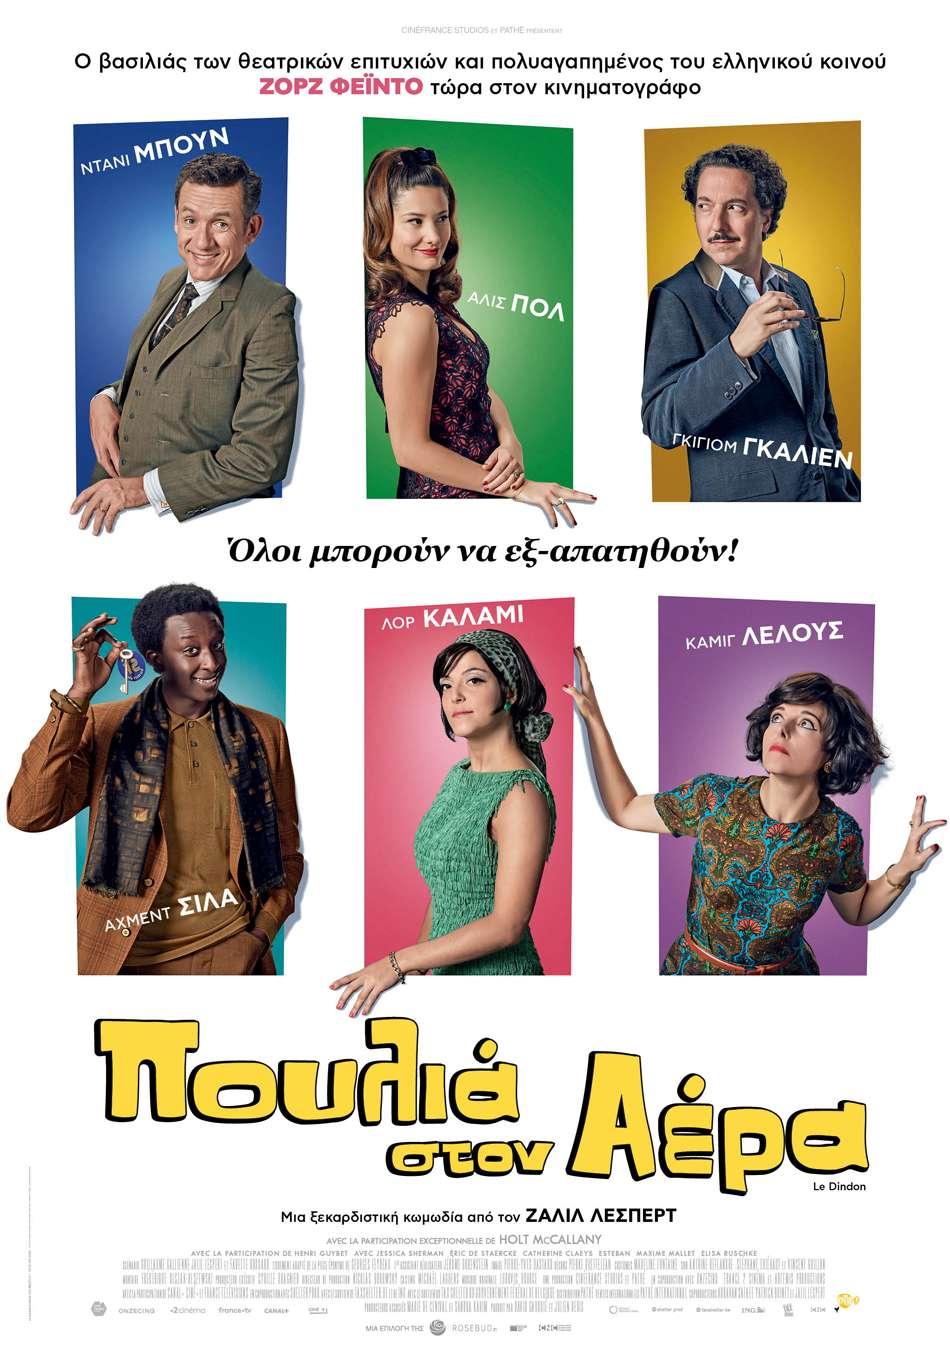 Πουλιά στον Αέρα (Le Dindon) Poster Πόστερ